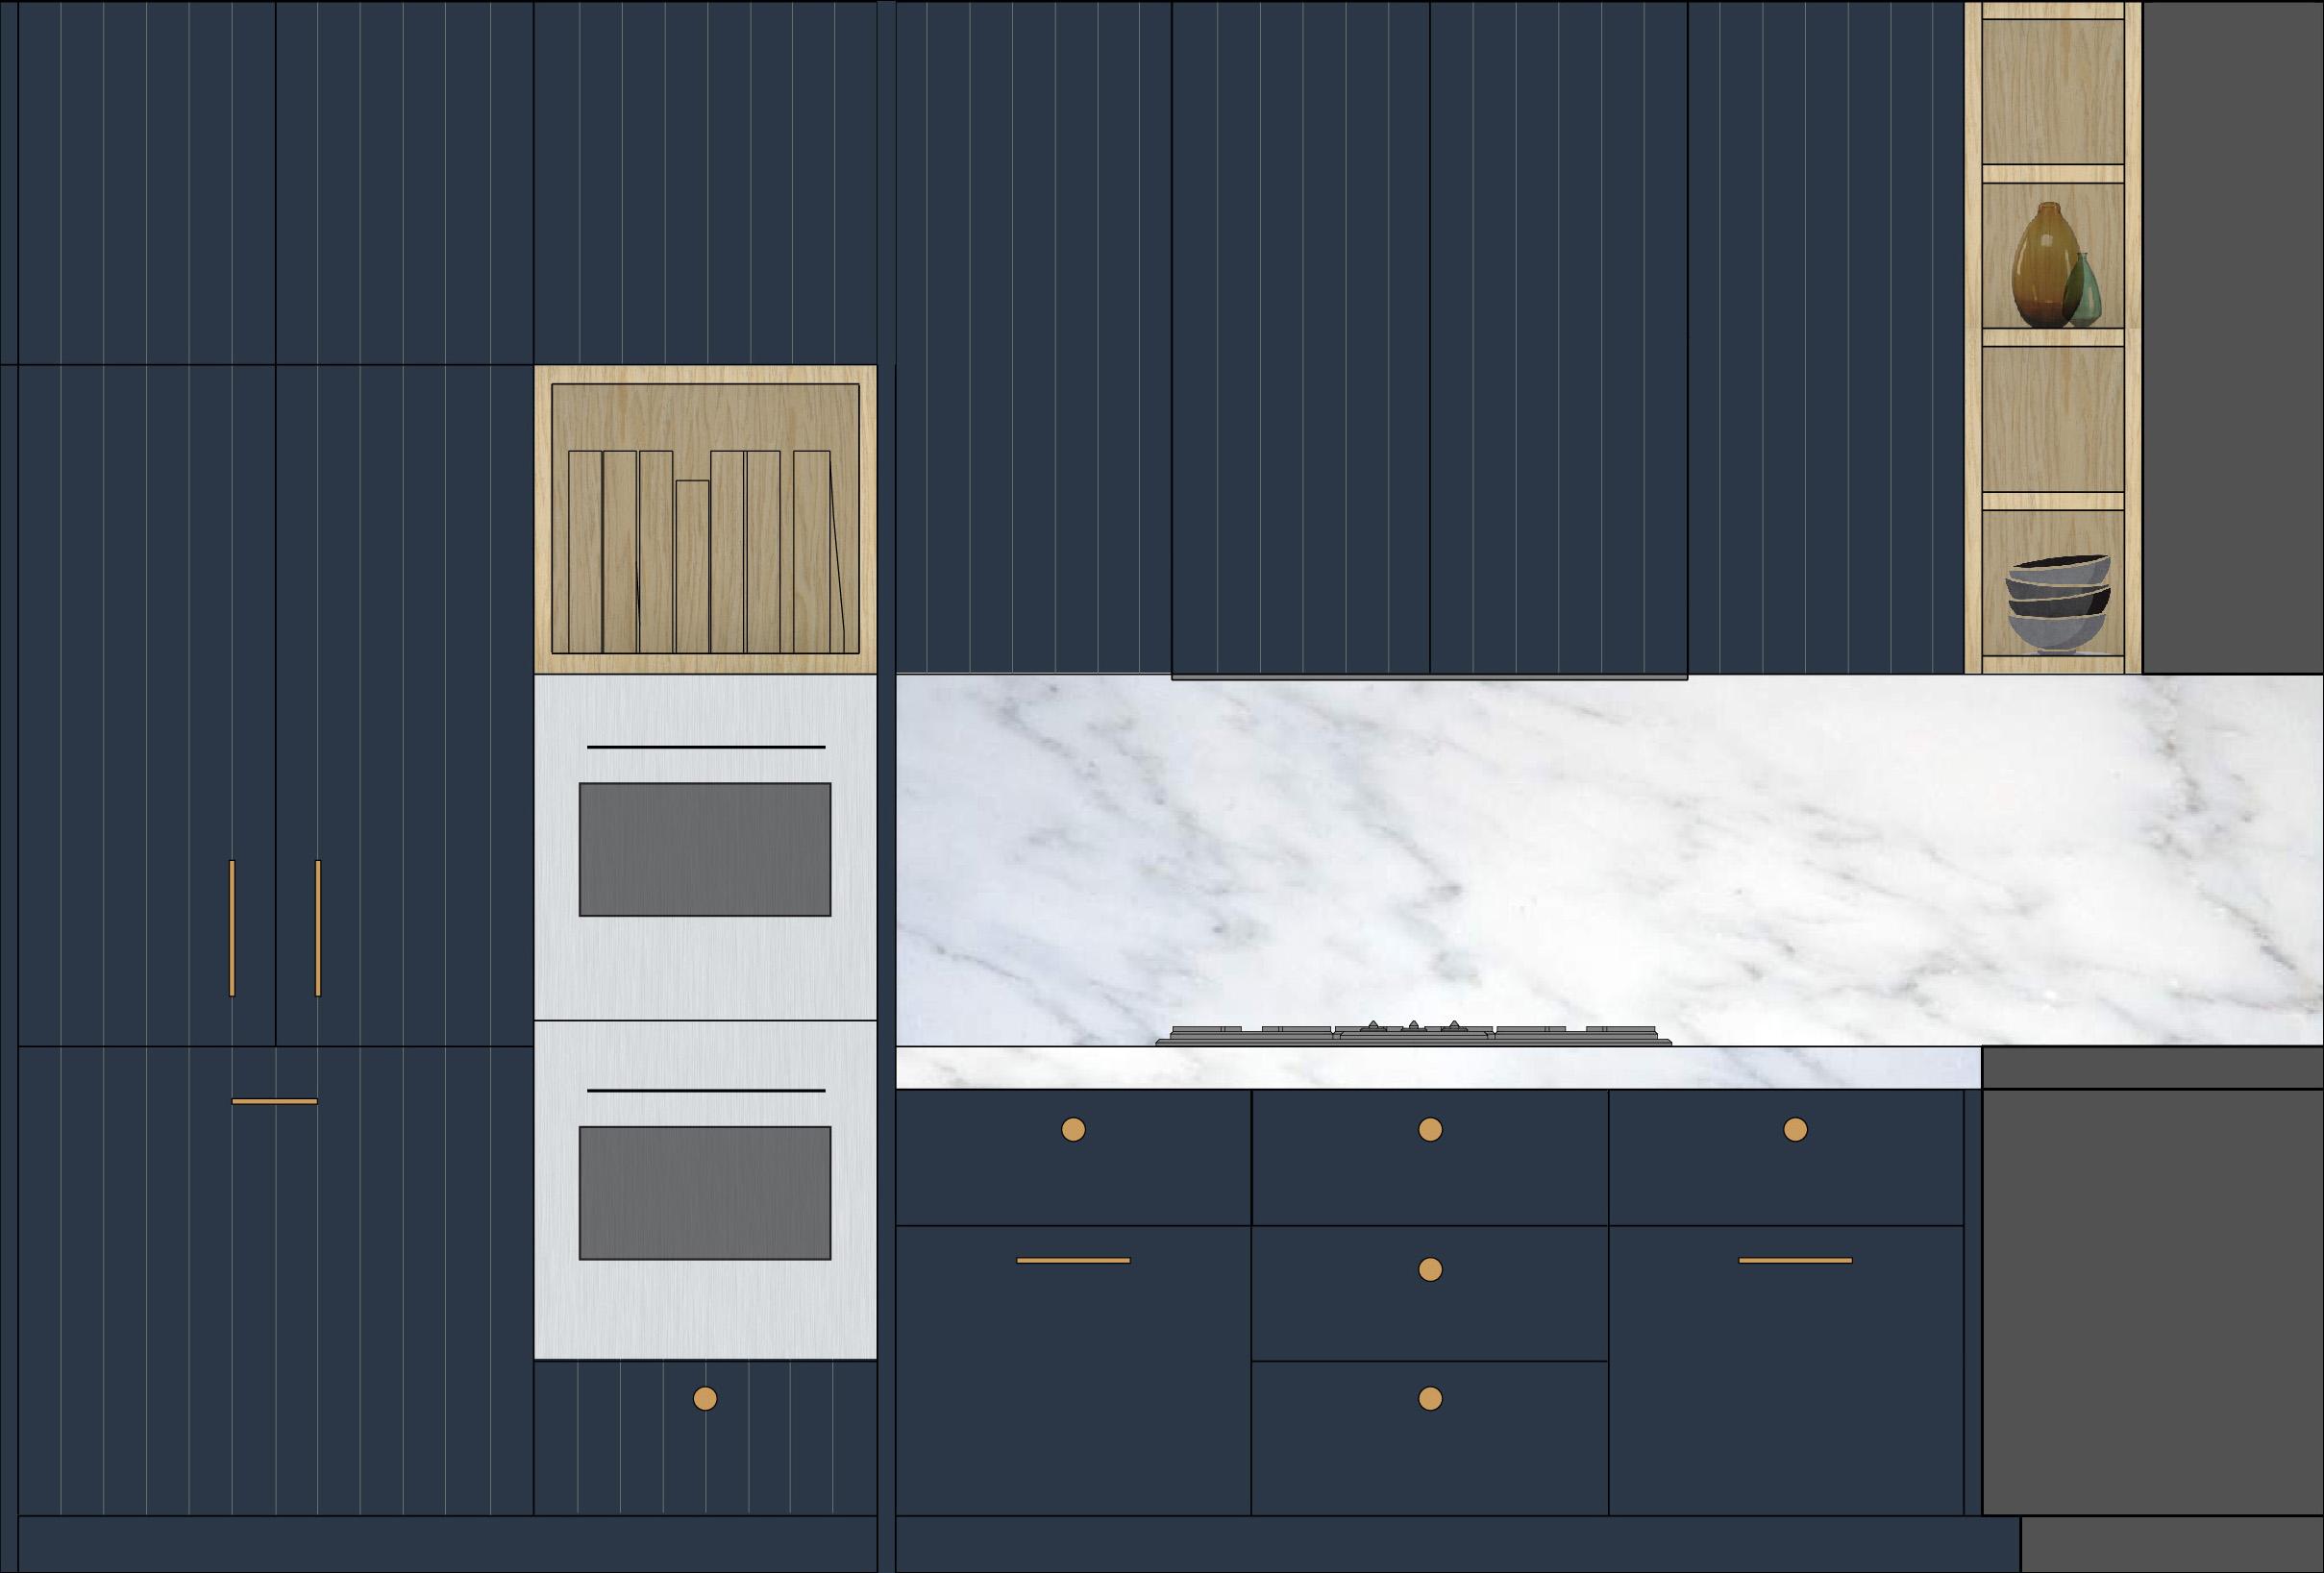 170915 LC 17 Kitchen Elev 5 rendered_crop